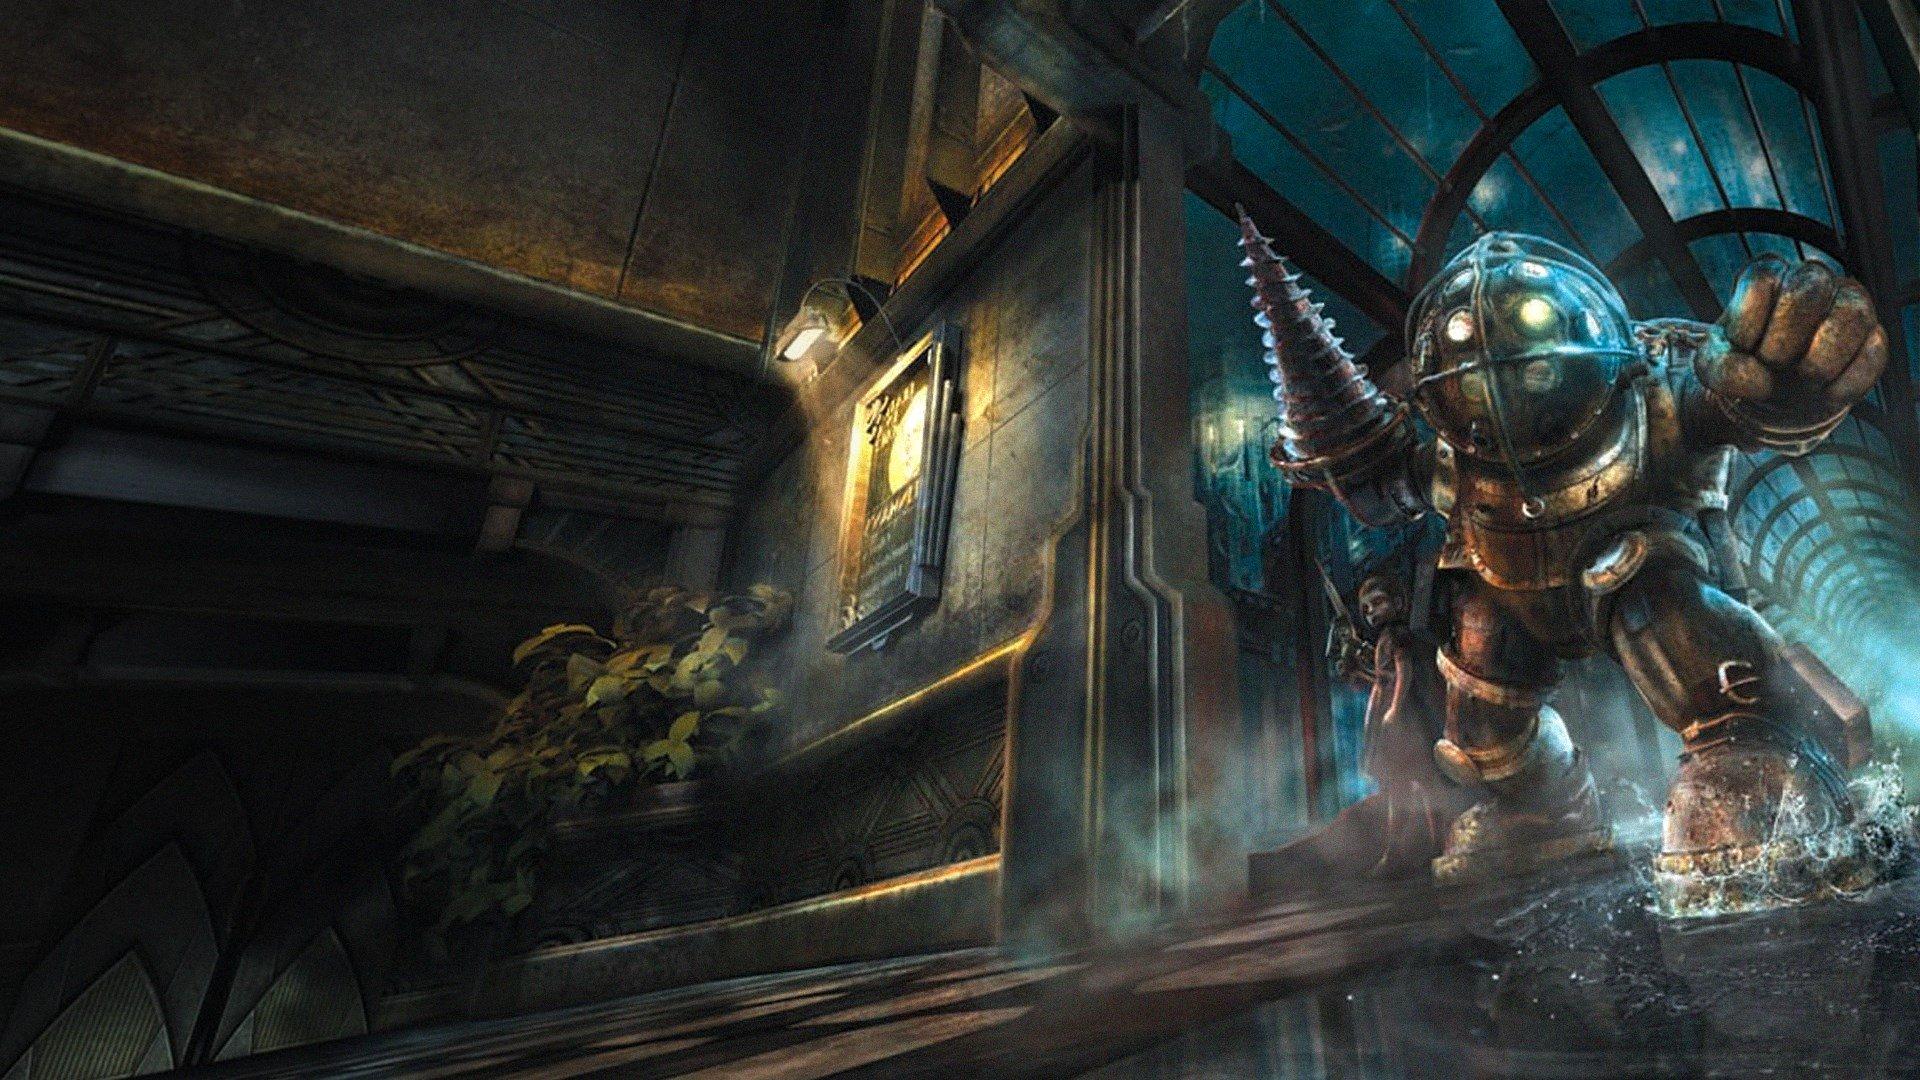 Нова частина BioShock може вийти тільки на консолі PlayStation / фото 2k